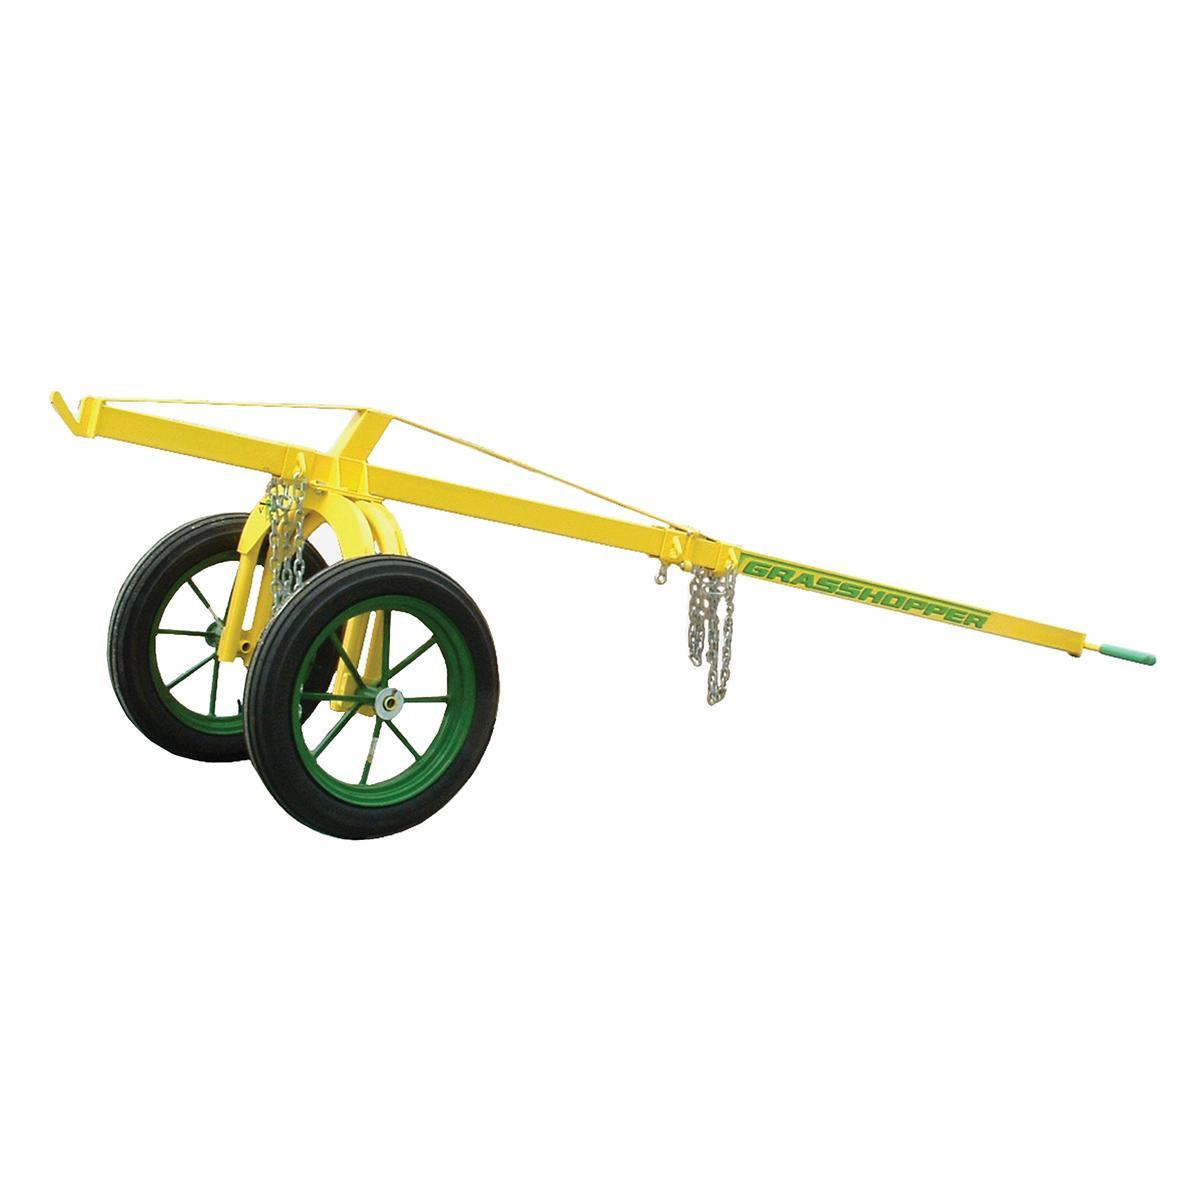 GRASSHOPPER ST-401